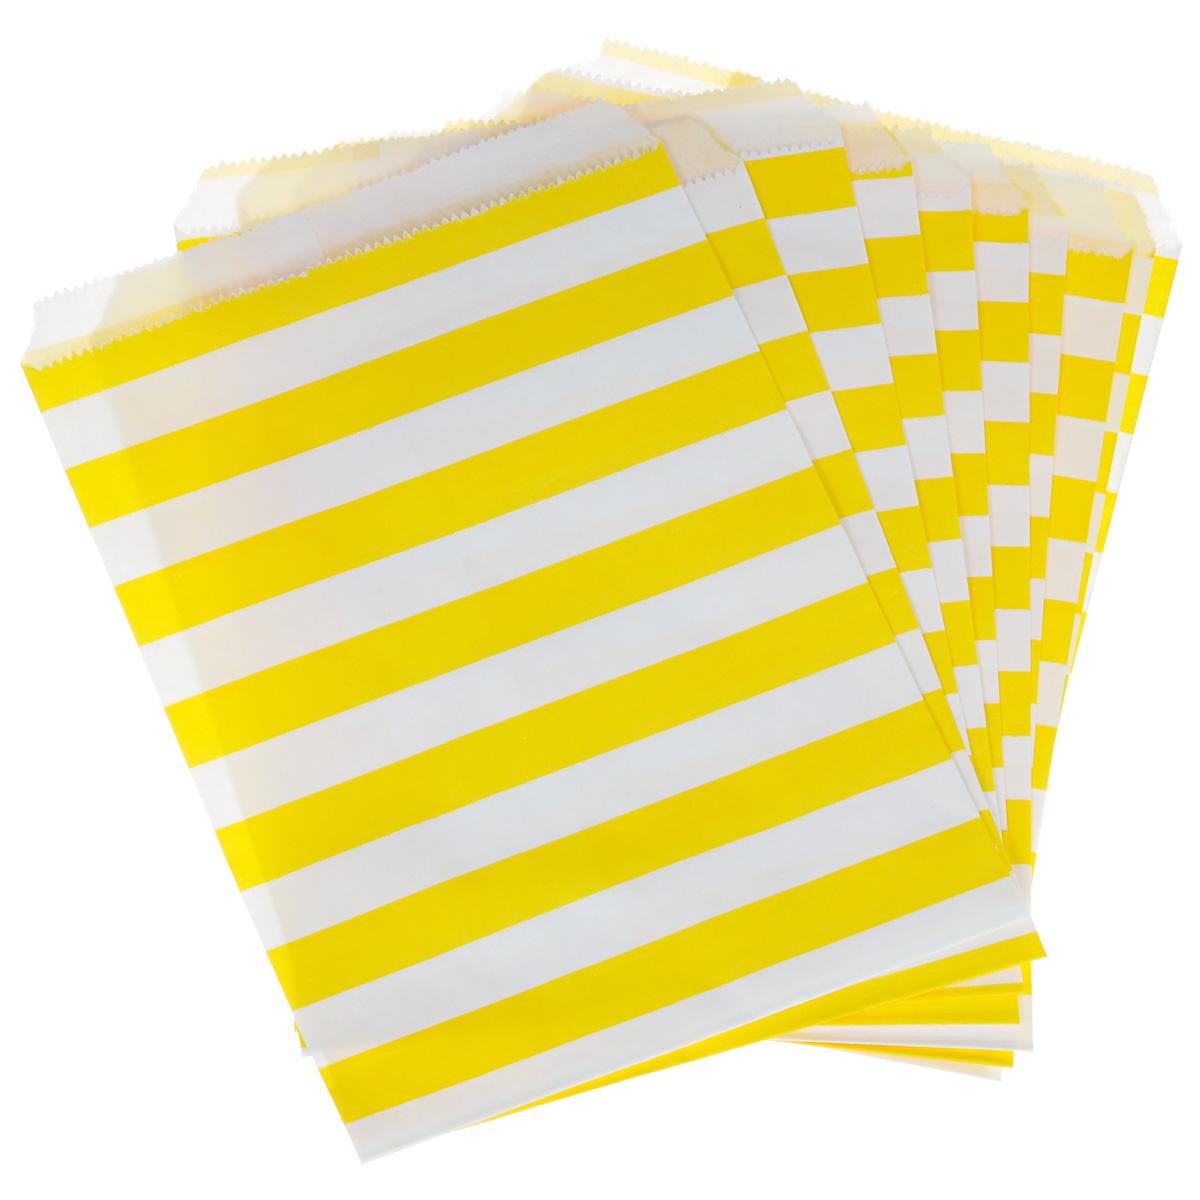 Пакеты бумажные Dolce Arti Stripes, для выпечки, цвет: желтый, 10 штDA040219Бумажные пакеты Dolce Arti Stripes очень многофункциональны. Их можно использовать насколько хватит вашей фантазии: для выпекания, для упаковки маленьких подарков, сладостей и многого другого. Размер: 13 см х 18 см.